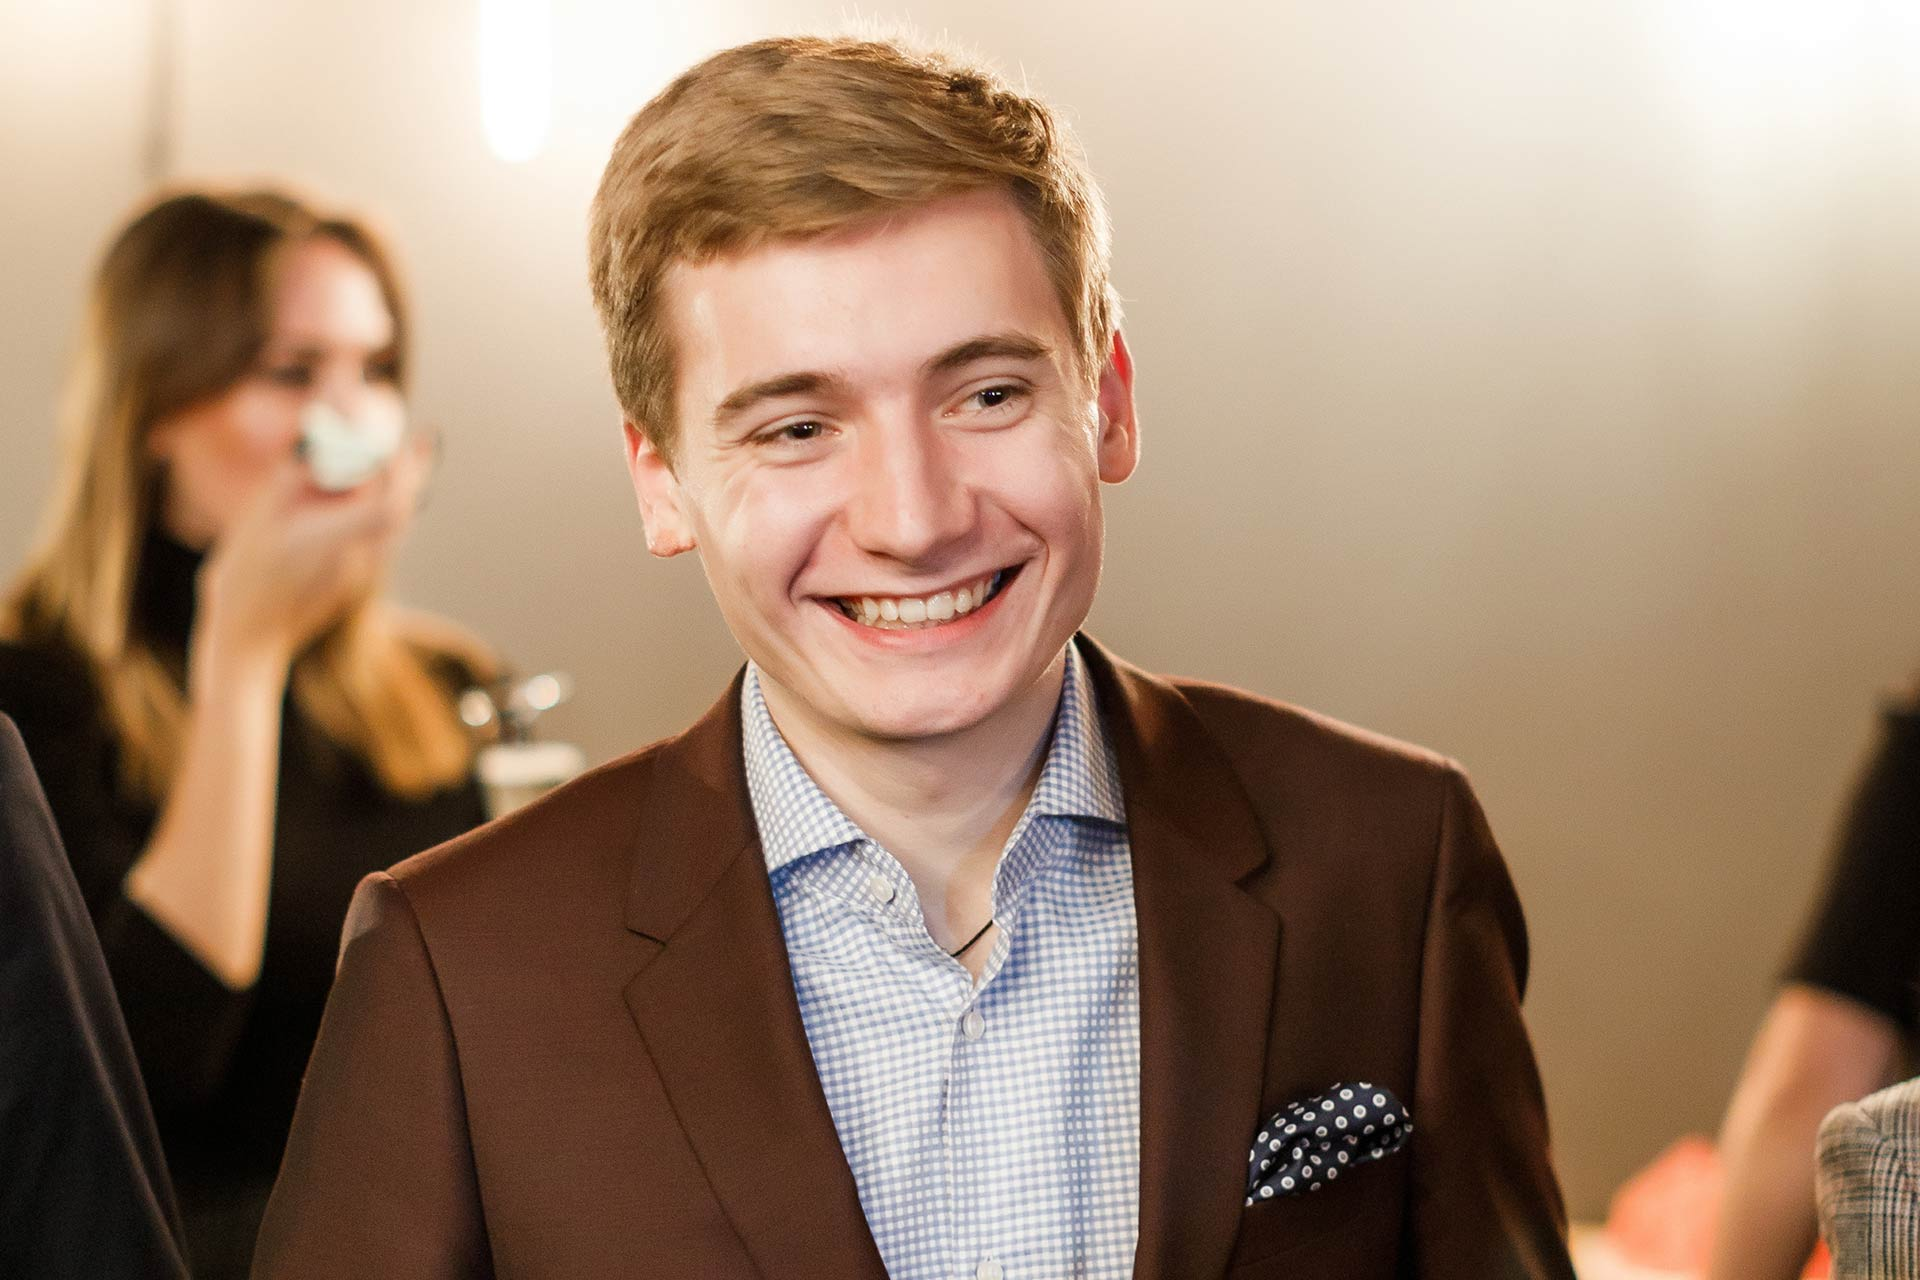 Евгений Глактионов, руководитель отдела по управлению репутацией Tandem Group